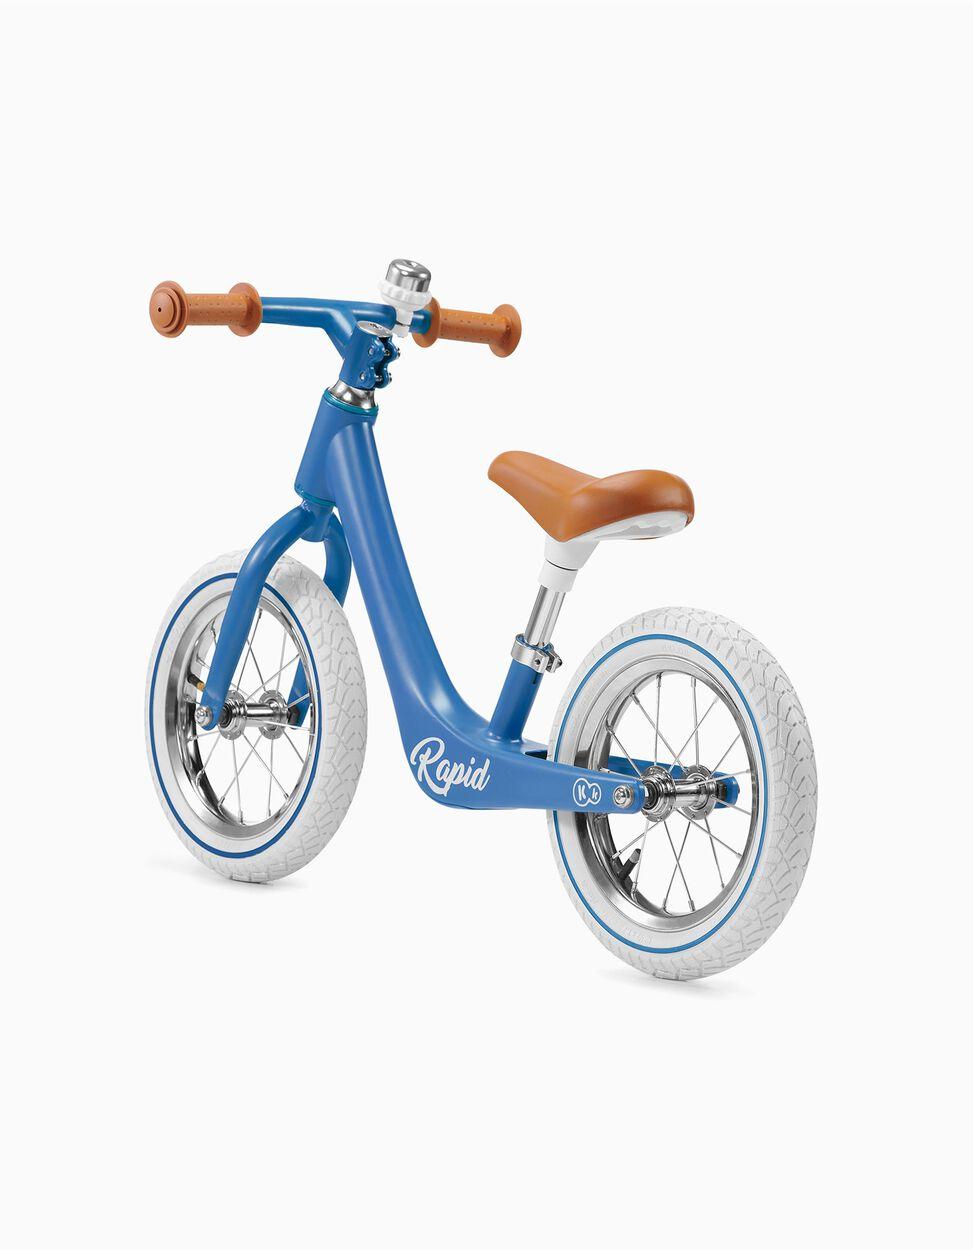 Bicicleta de Aprendizagem Rapid kinderkraft Blue Saphire